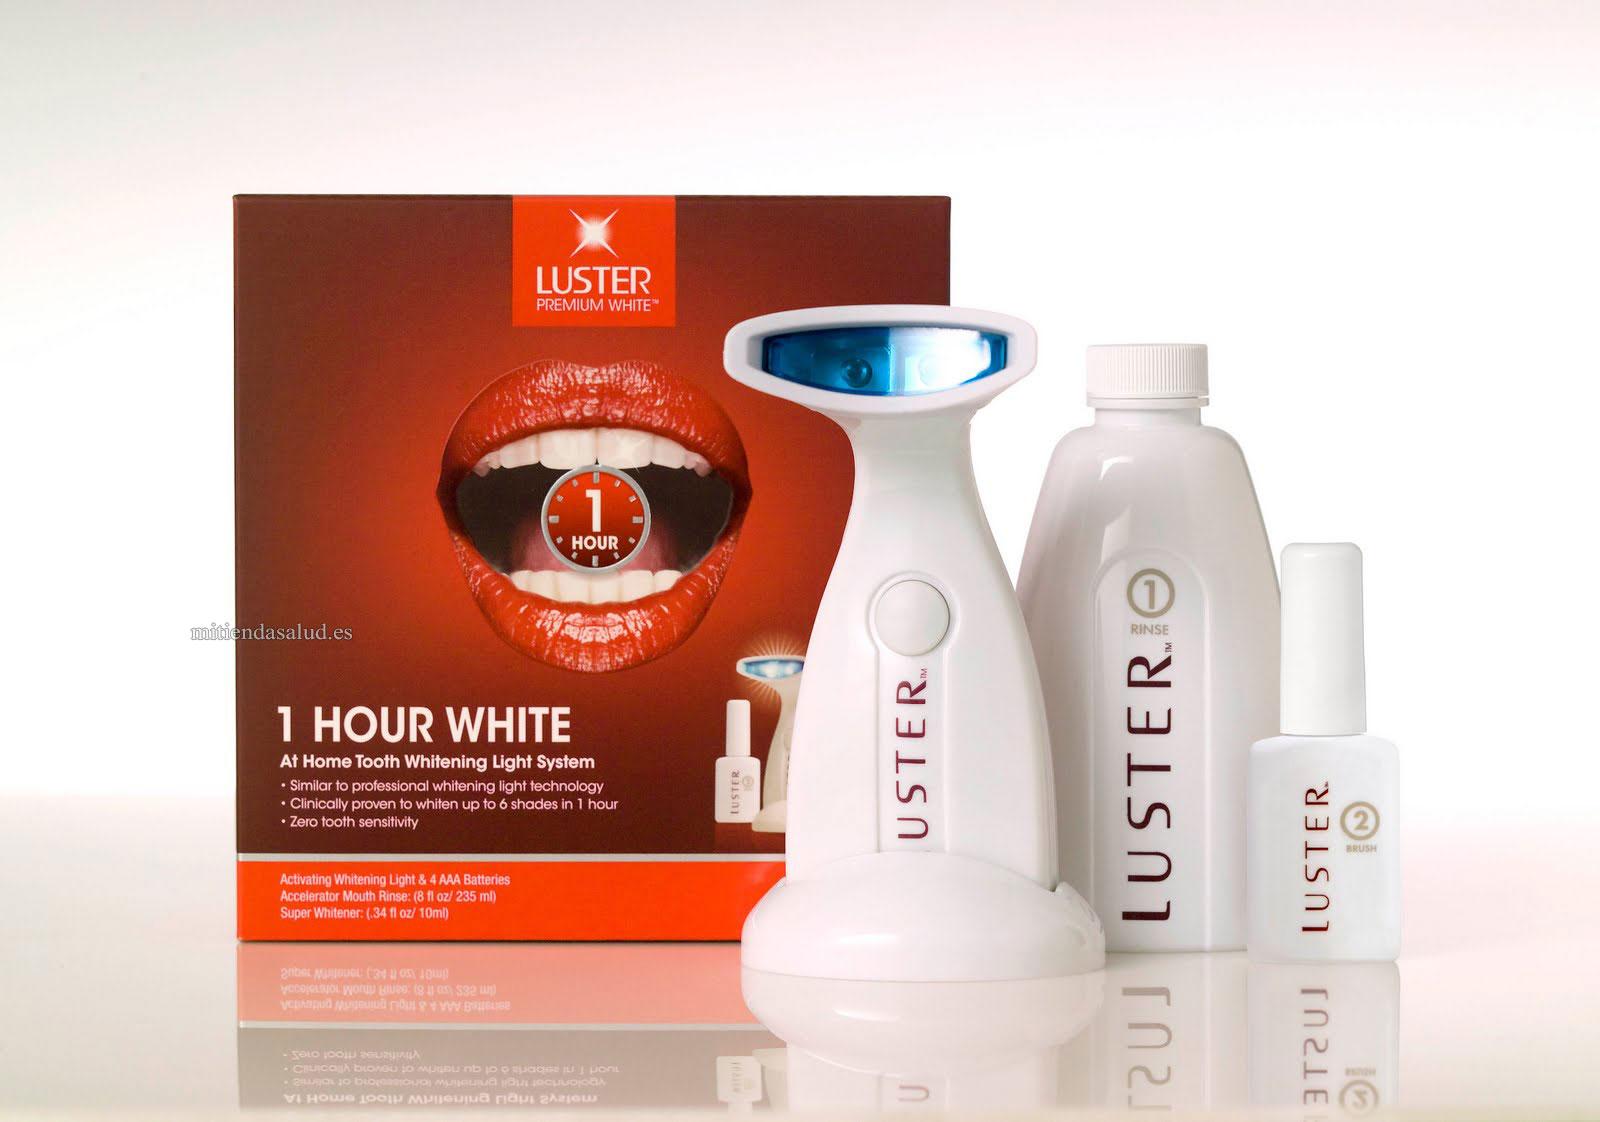 Blanqueamiento Dental casero Luster Premium White 1 hora - en casa